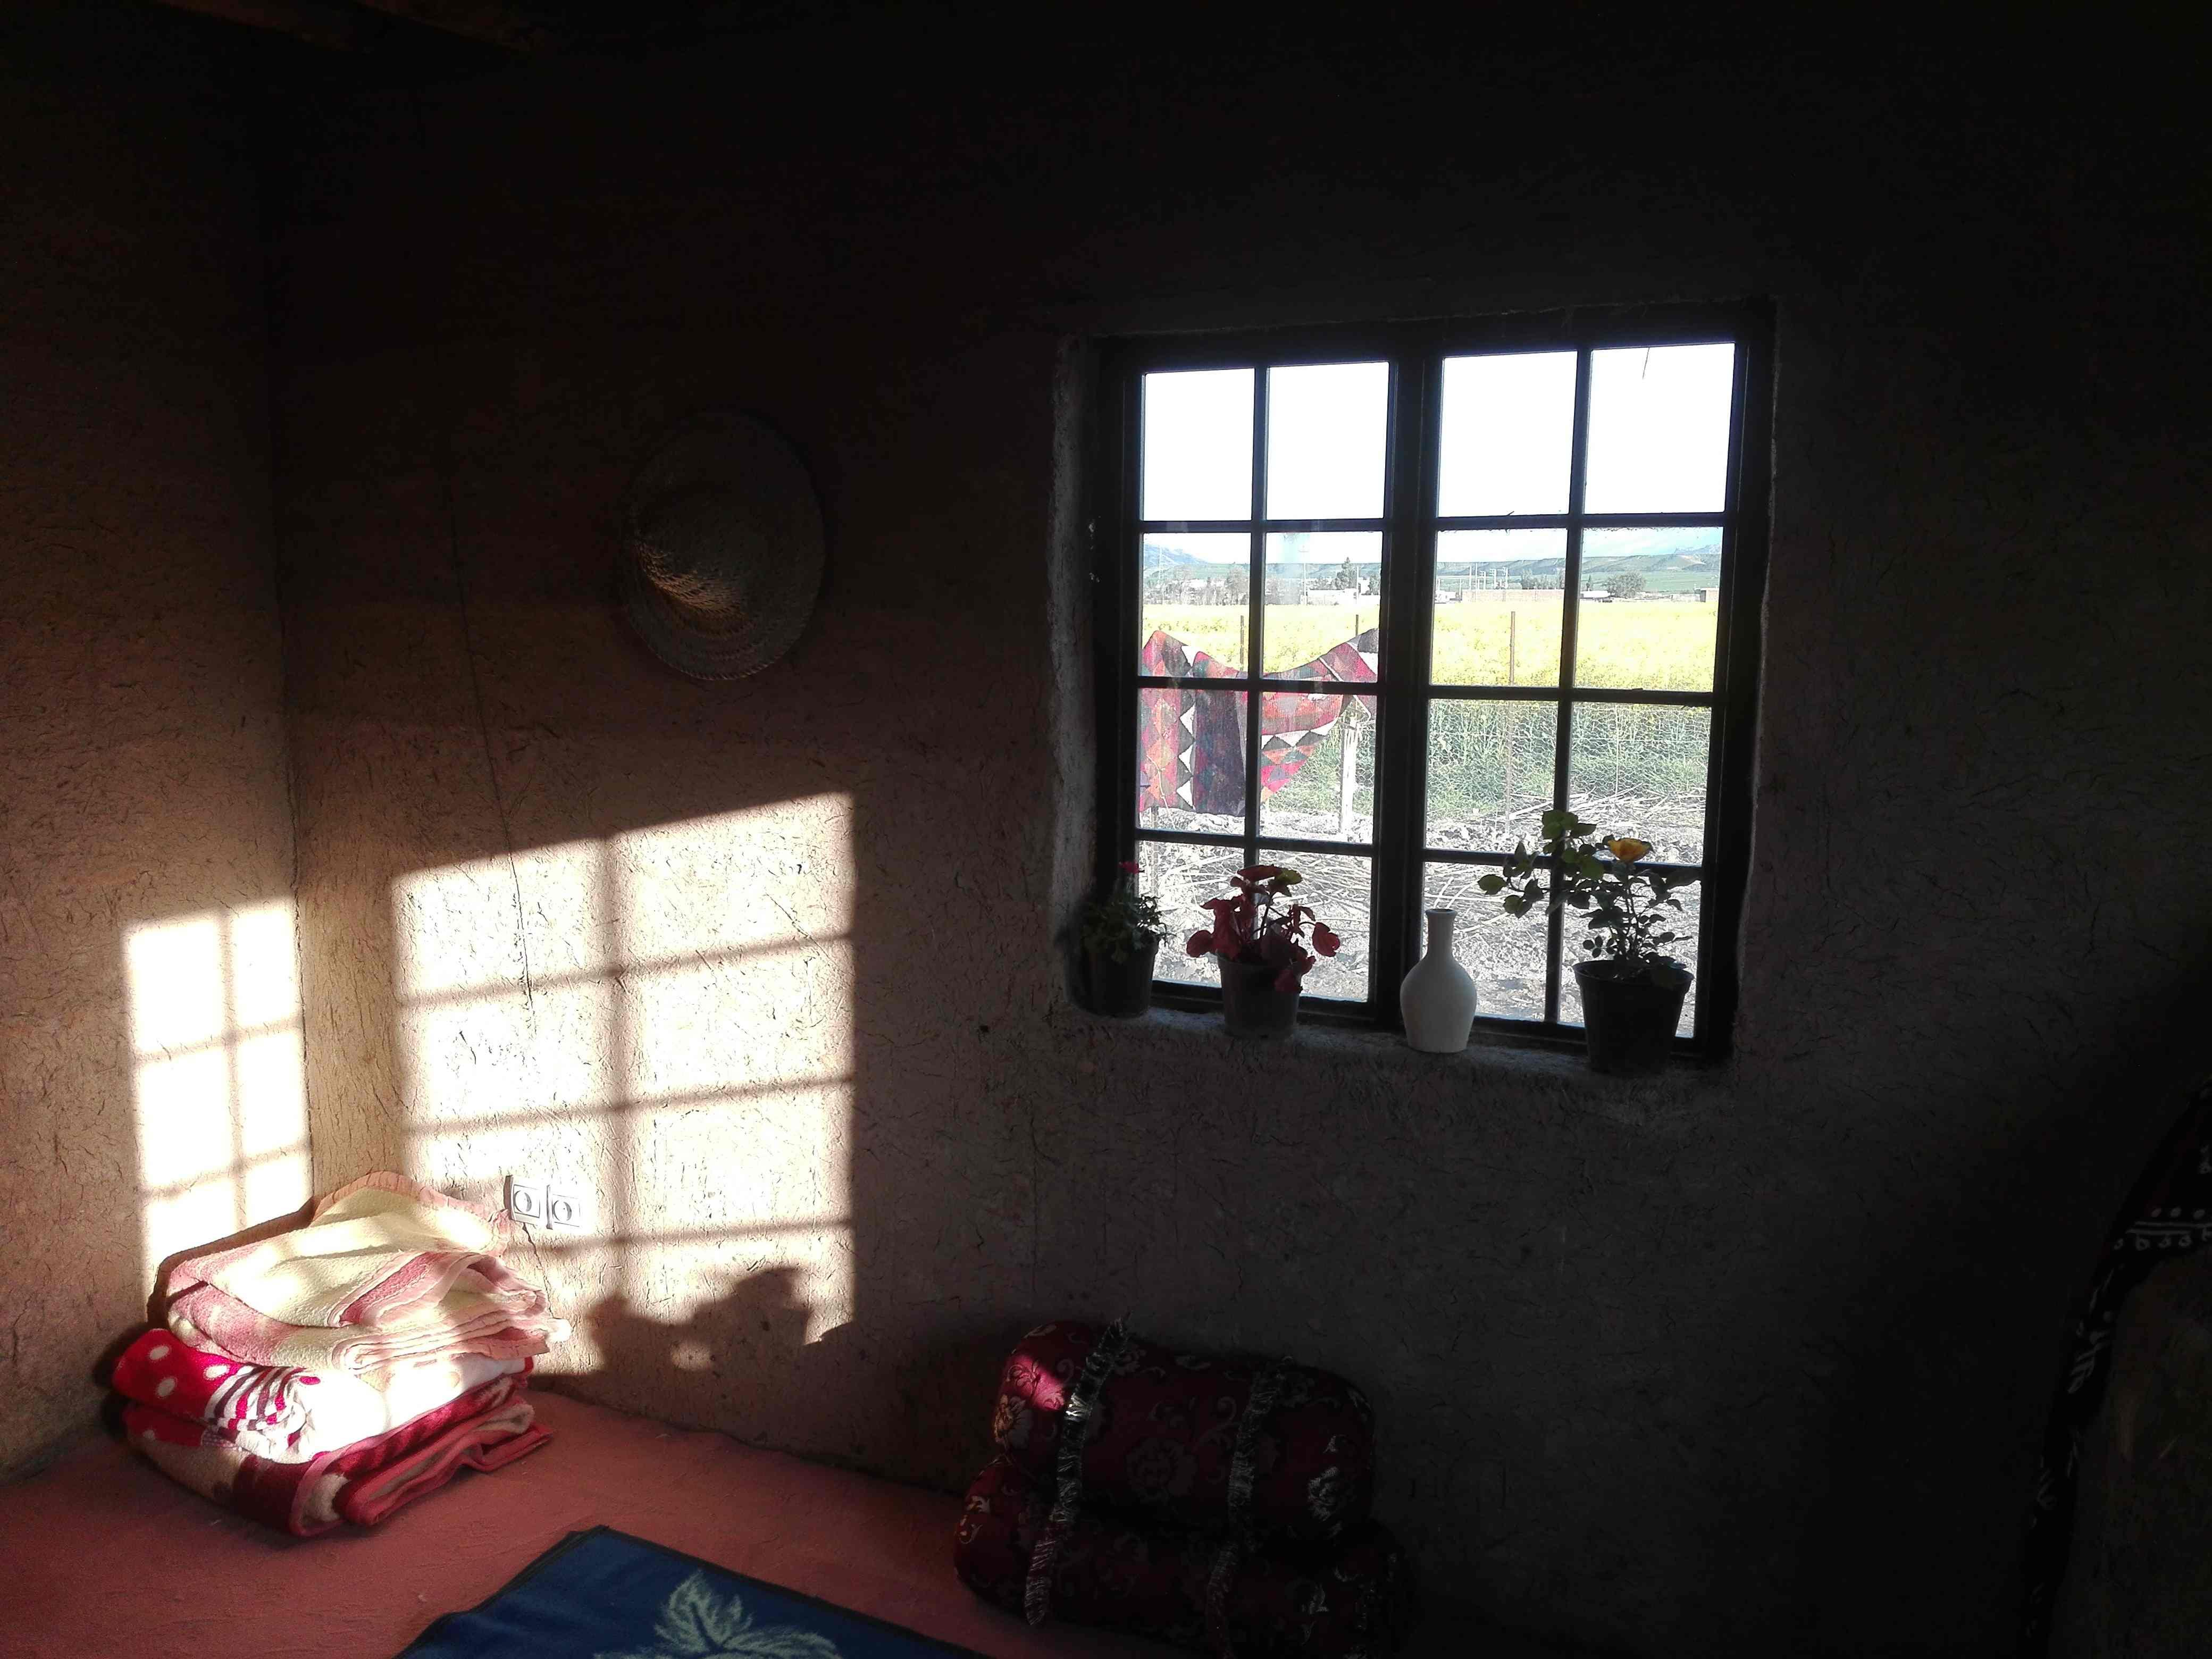 حومه شهر بوم گردی سنتی تمیز در دره شهر